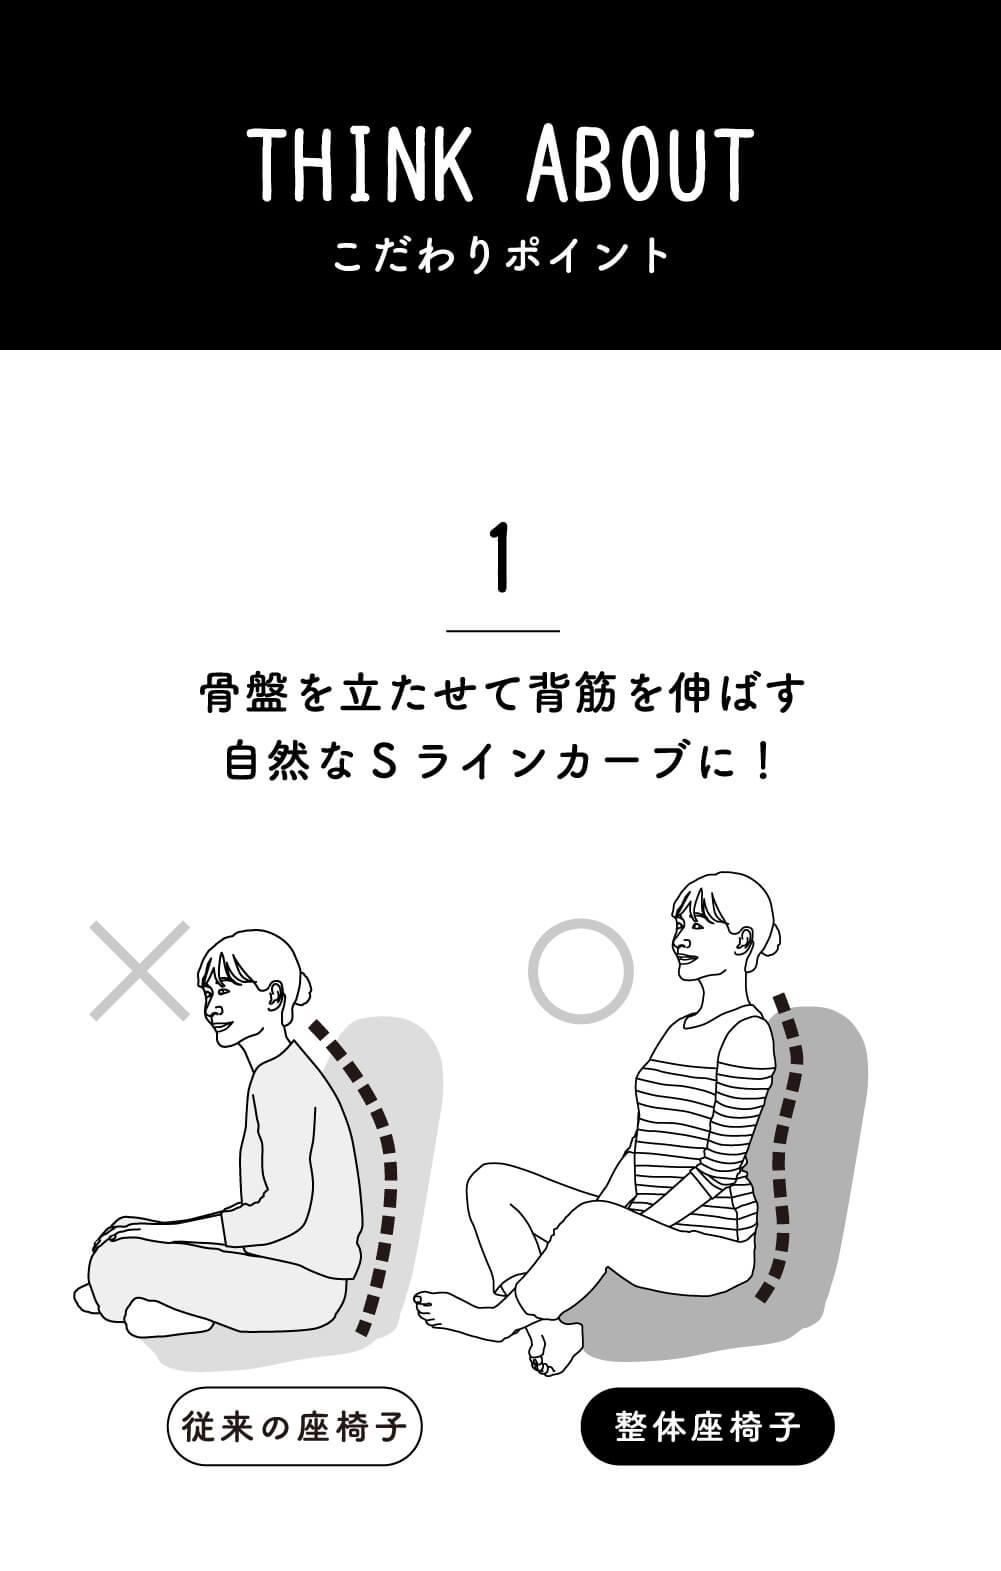 こだわりポイント 骨盤を立たせて背筋を伸ばす 自然なSラインカーブに!